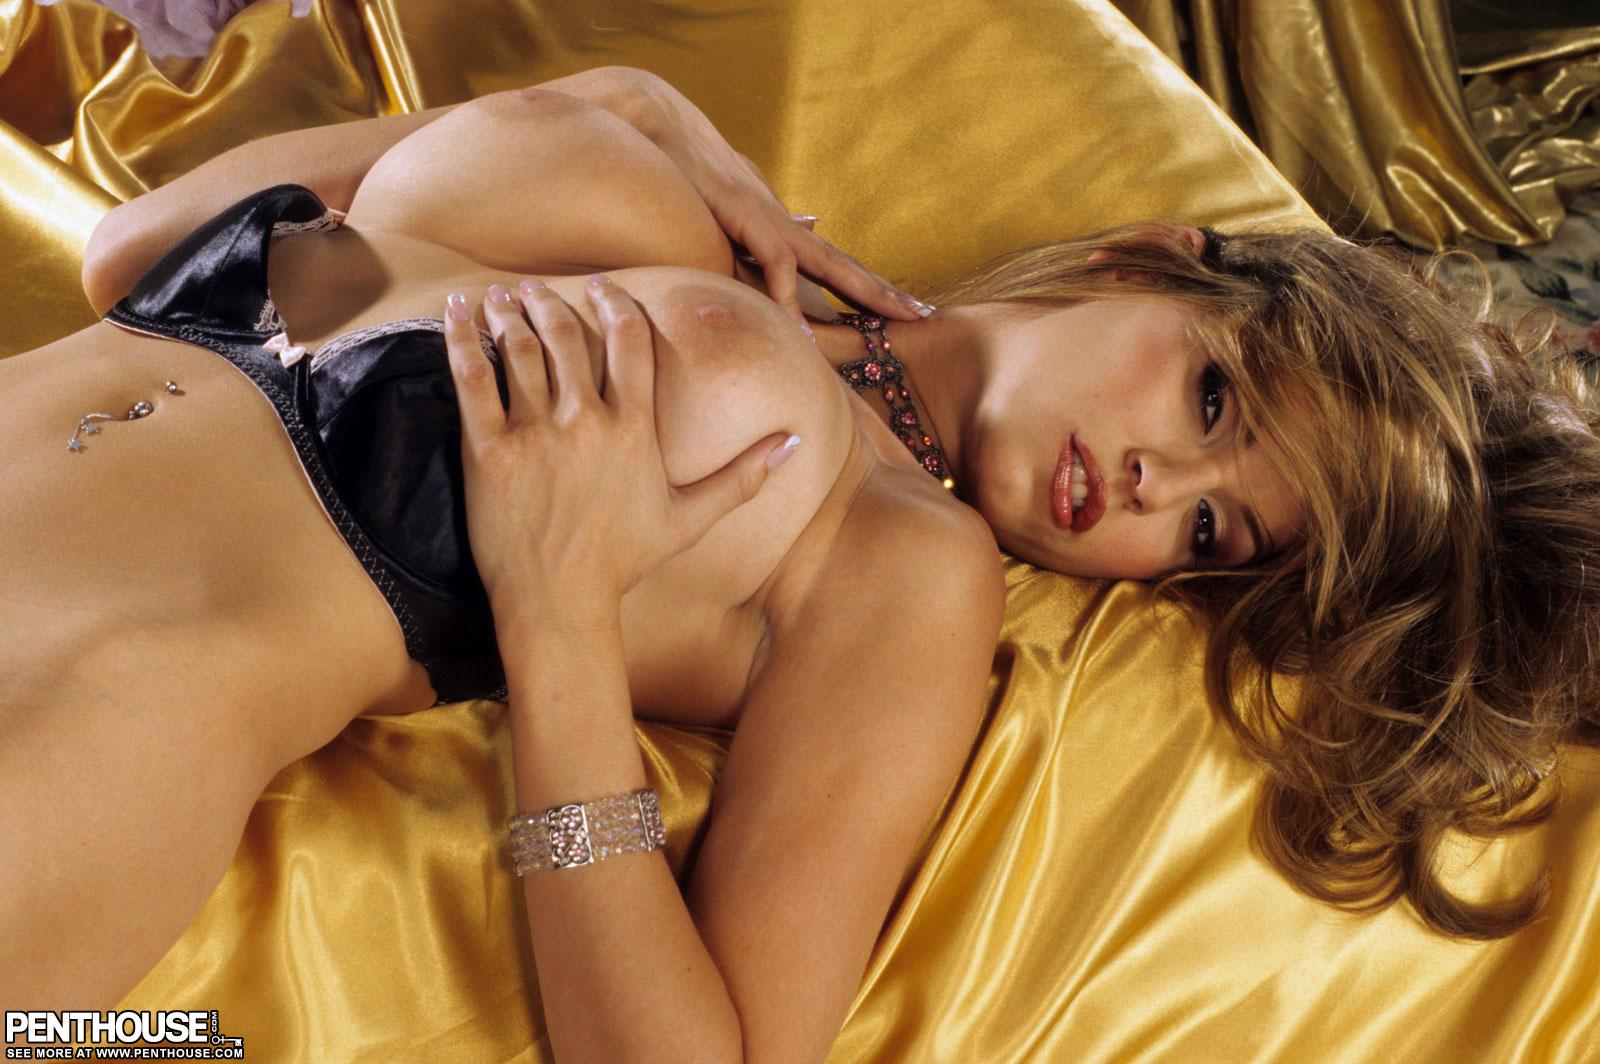 Эротические фото петхаус 4 фотография